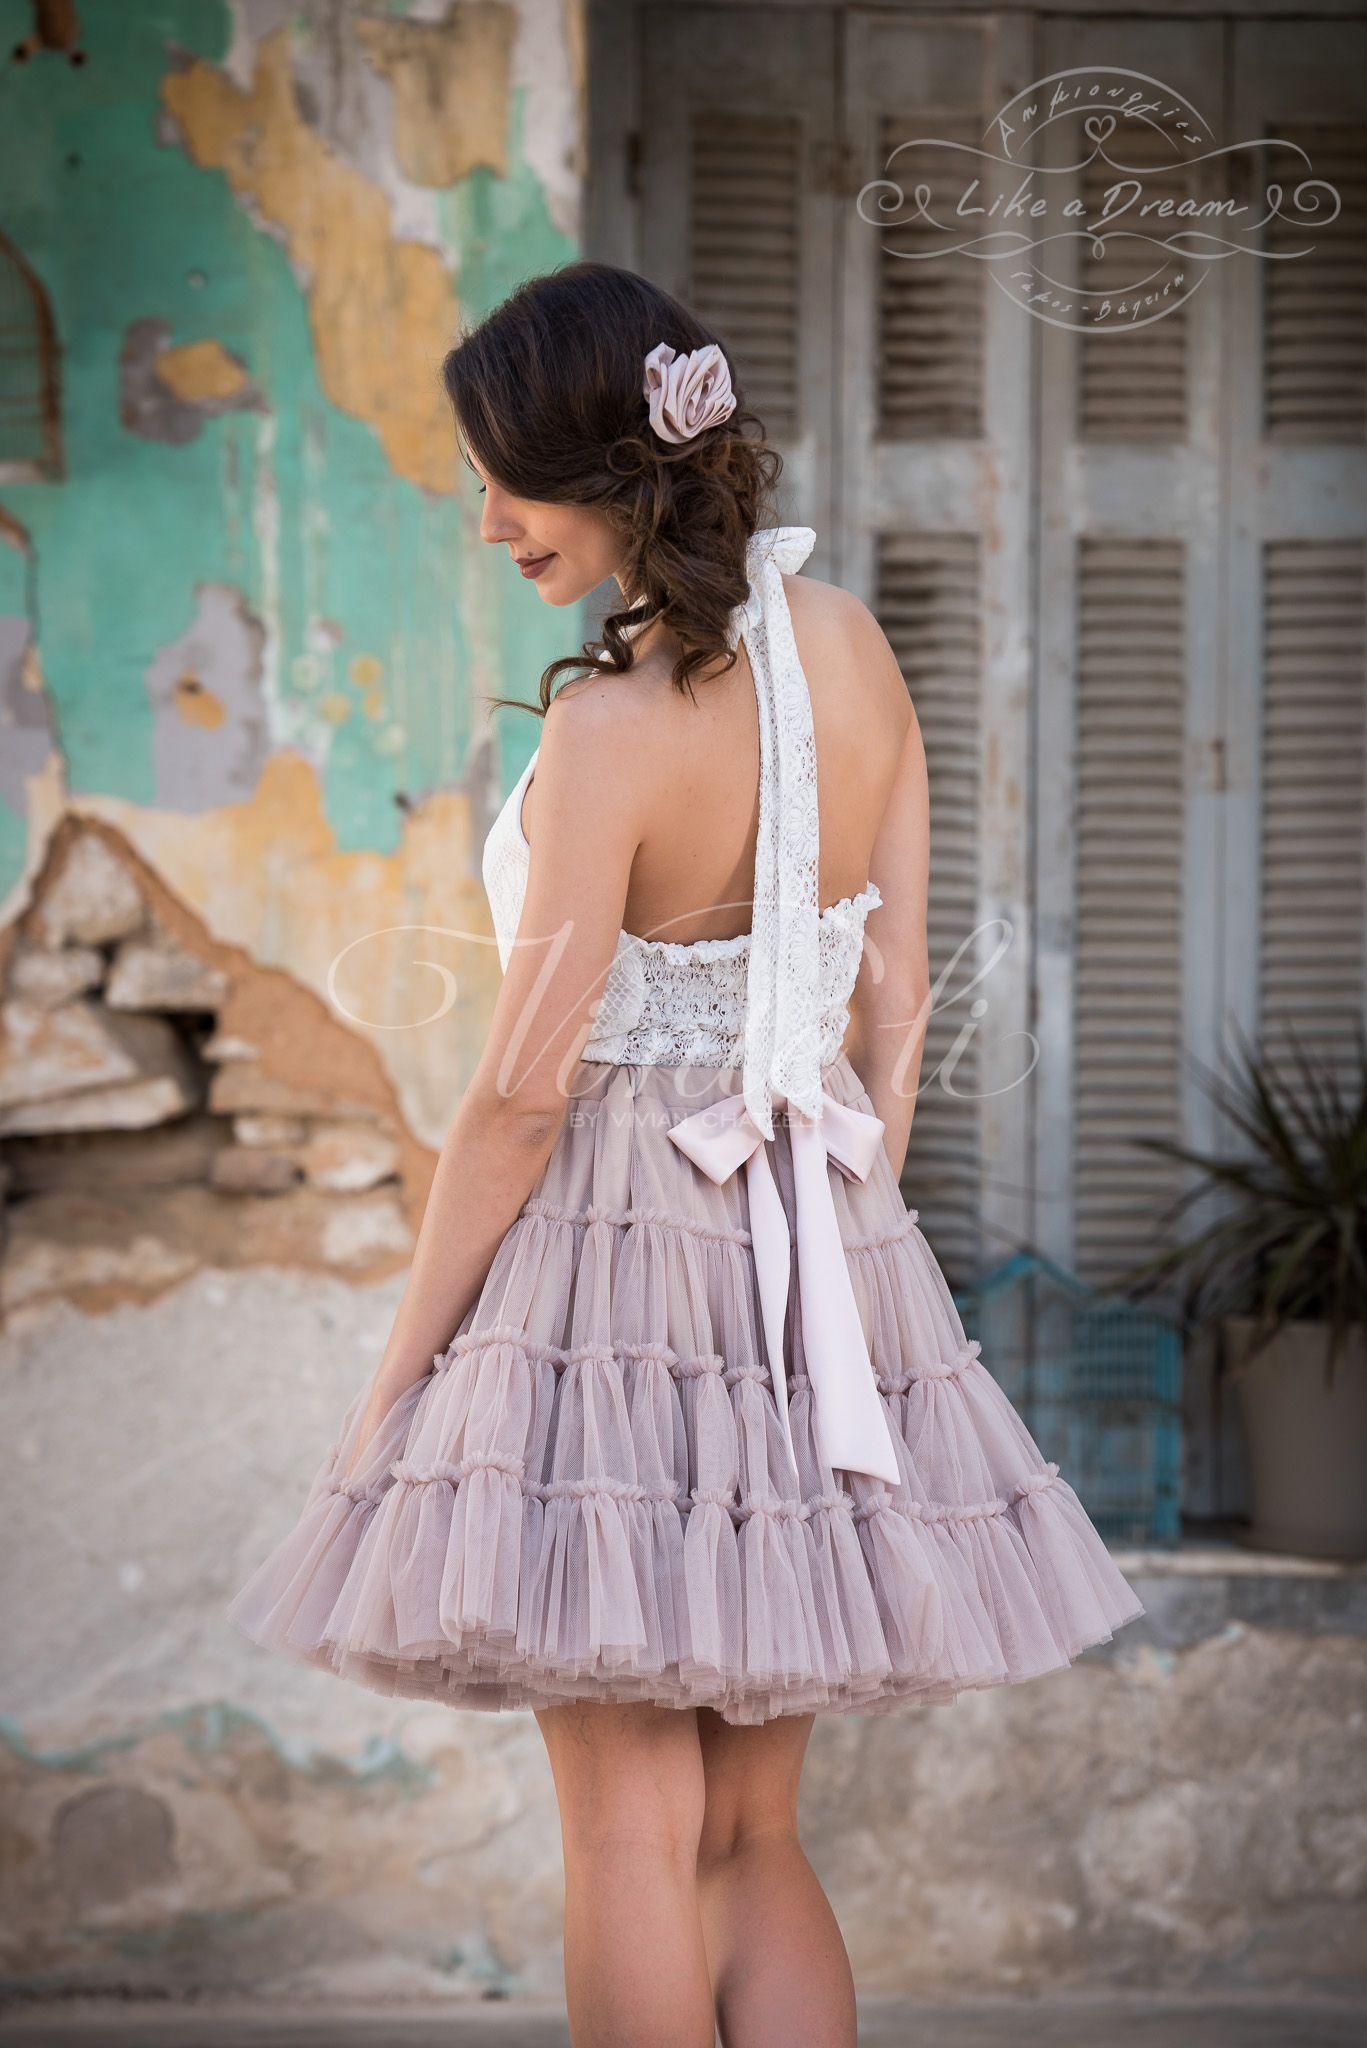 4aad6969ec0 Γυναικεία Φούστα W152439 - Μπλουζάκι W182700 Φούστα τύπου tutu, 50% Βαμβάκι  - 50%